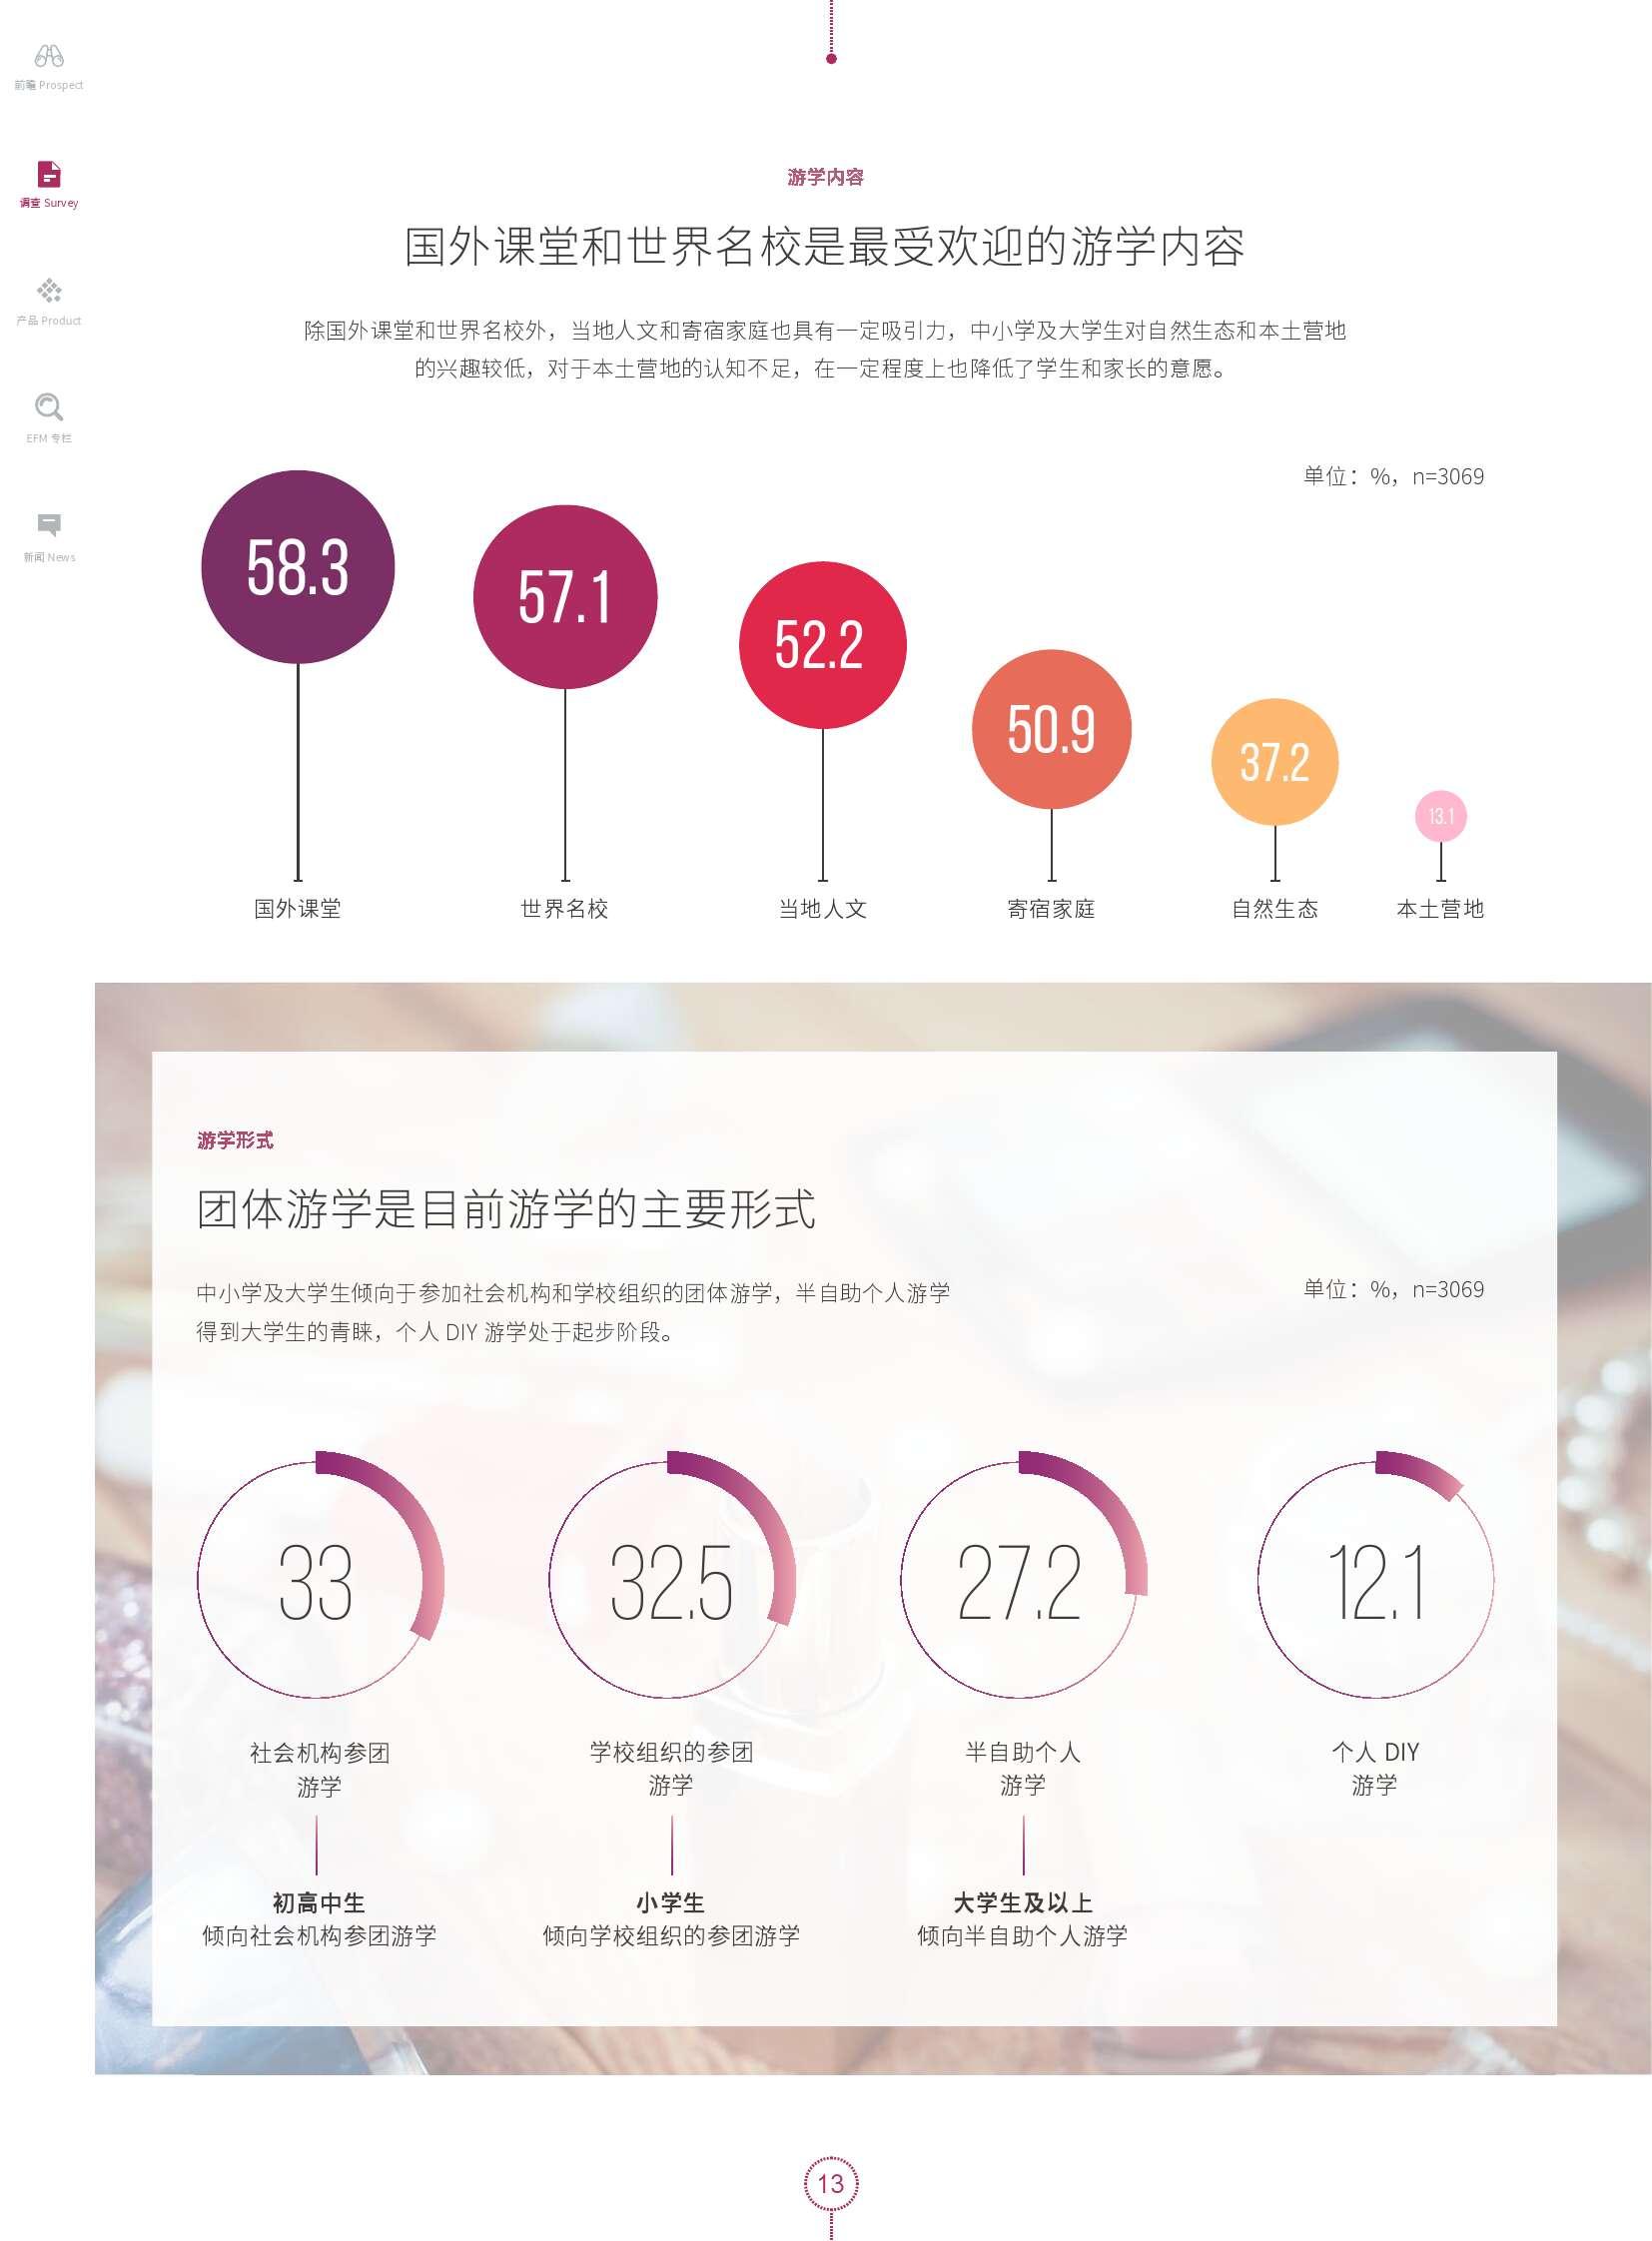 2016中国食品&饮料趋势及消费者洞察_000014